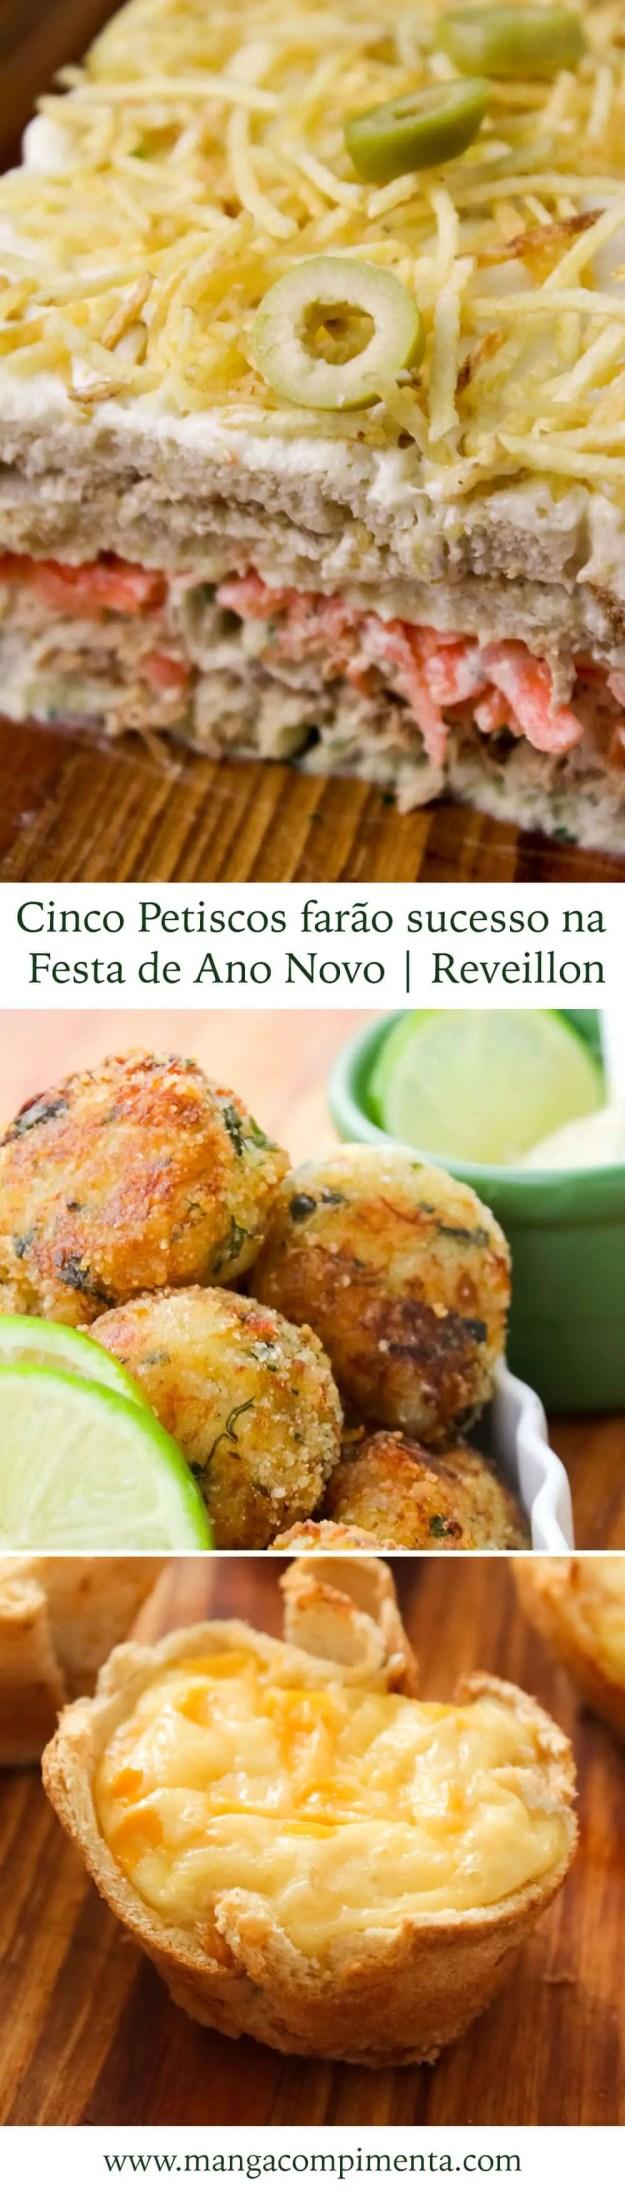 5 Petiscos farão sucesso na Festa de Ano Novo | Reveillon